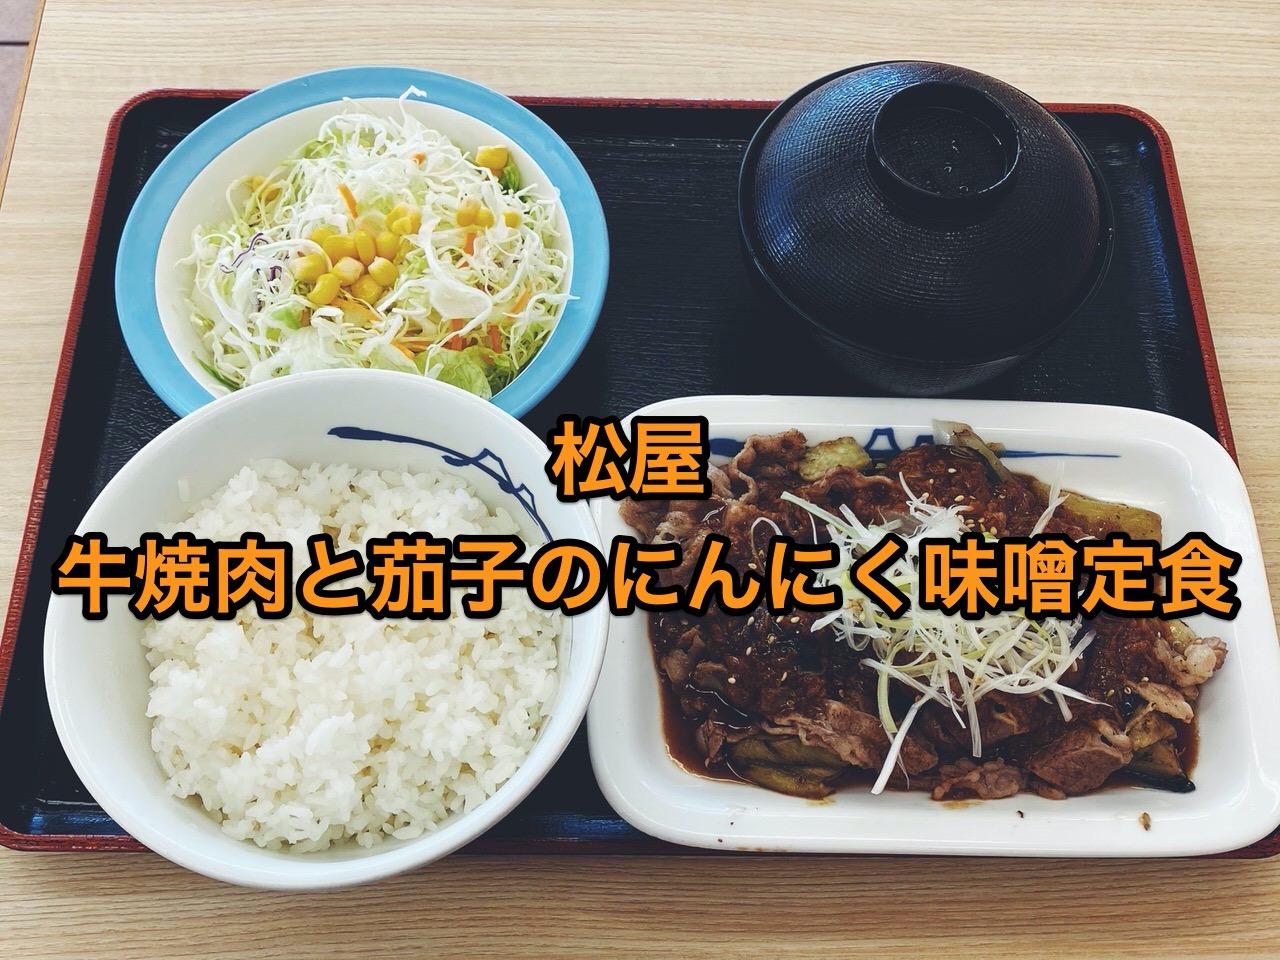 【松屋】「牛焼肉と茄子のにんにく味噌定食」果てしなく続く永遠のニンニク味